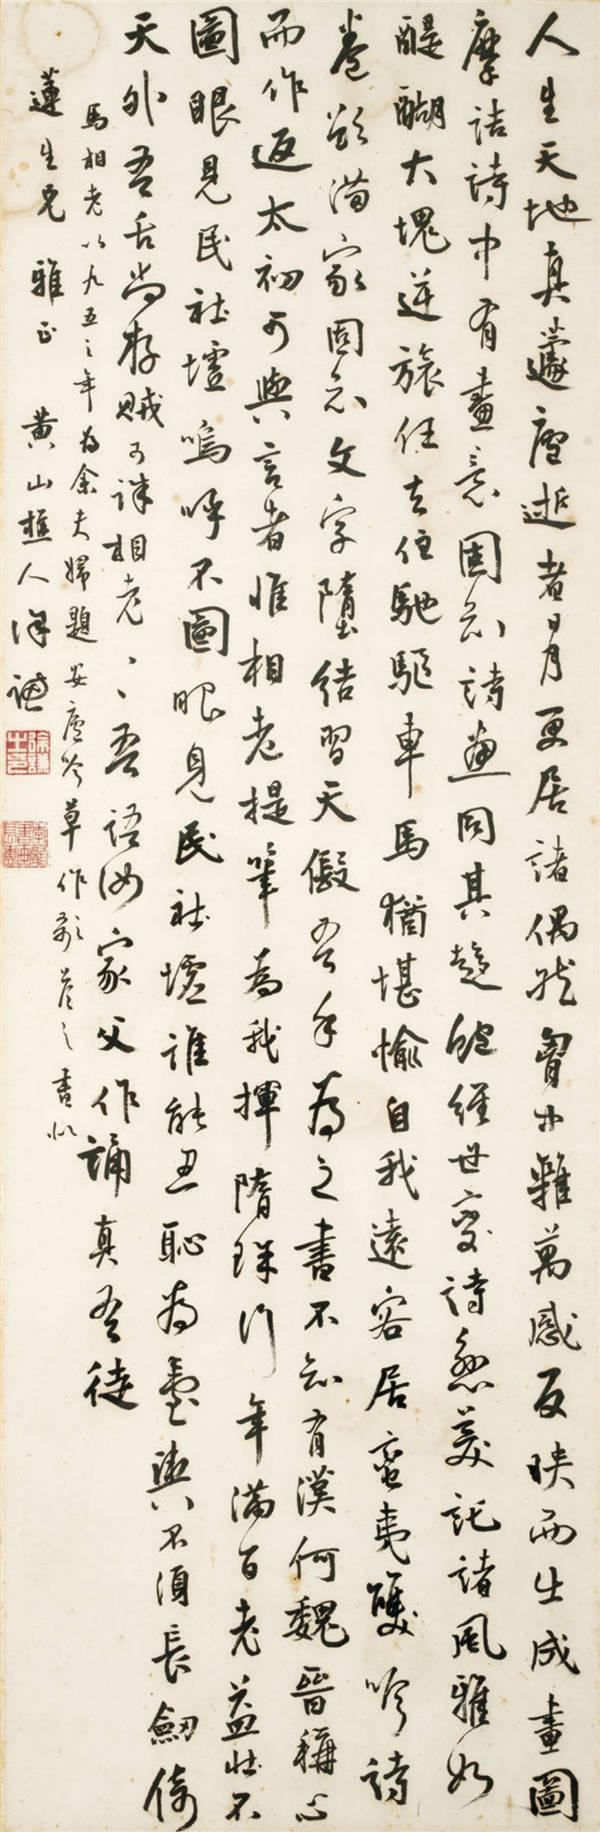 徐谦(1871-1940)-书法 作品下载